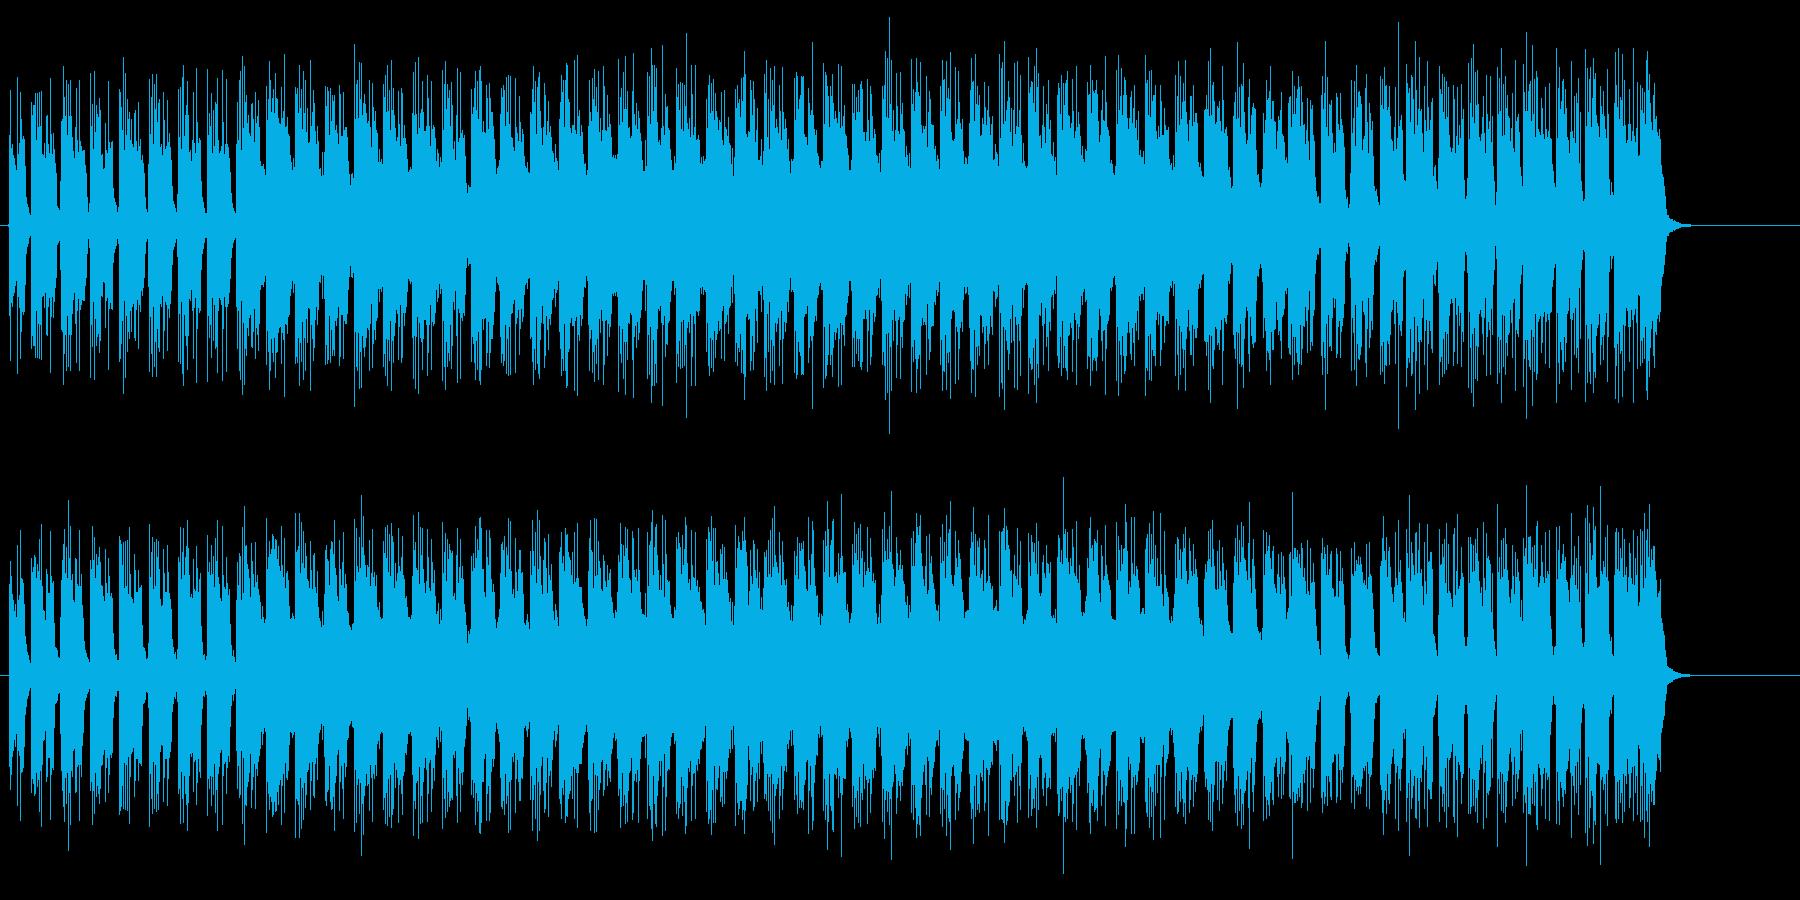 超合金的ギターリフ際立ちのハード・ロックの再生済みの波形